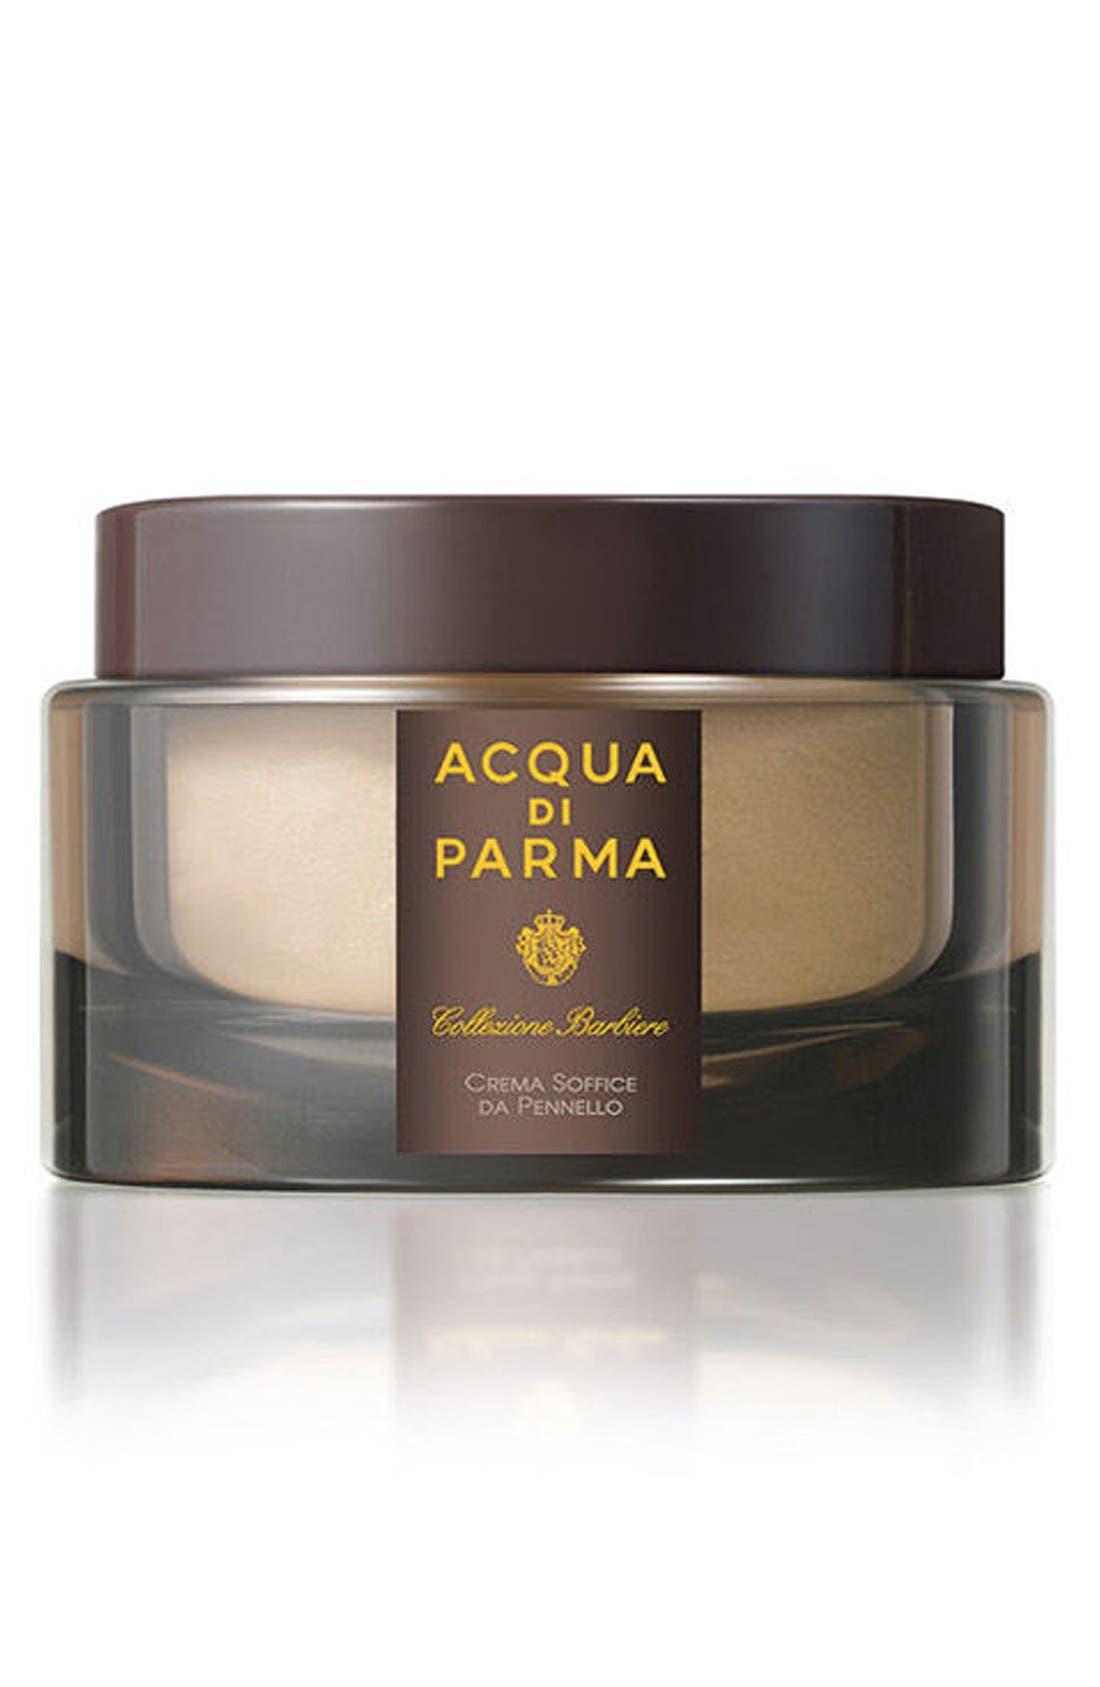 Alternate Image 1 Selected - Acqua di Parma Collezione Barbiere Shave Cream